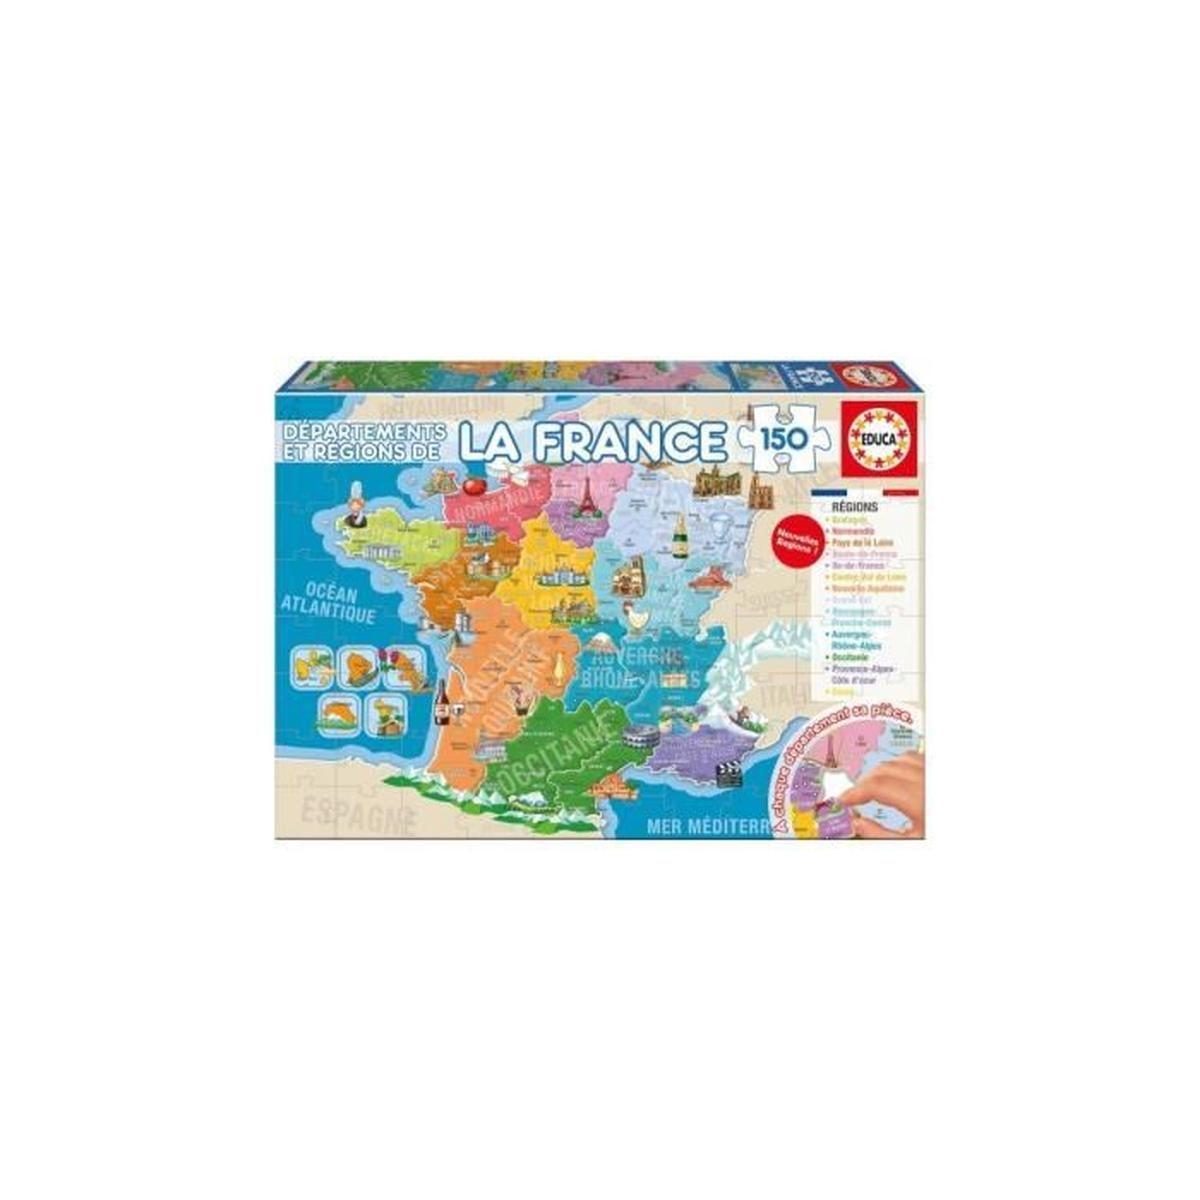 Puzzle Enfant - Carte De France : Les Departements Et Regions - 150 Pieces  - Jeu Educatifs destiné Apprendre Les Départements En S Amusant